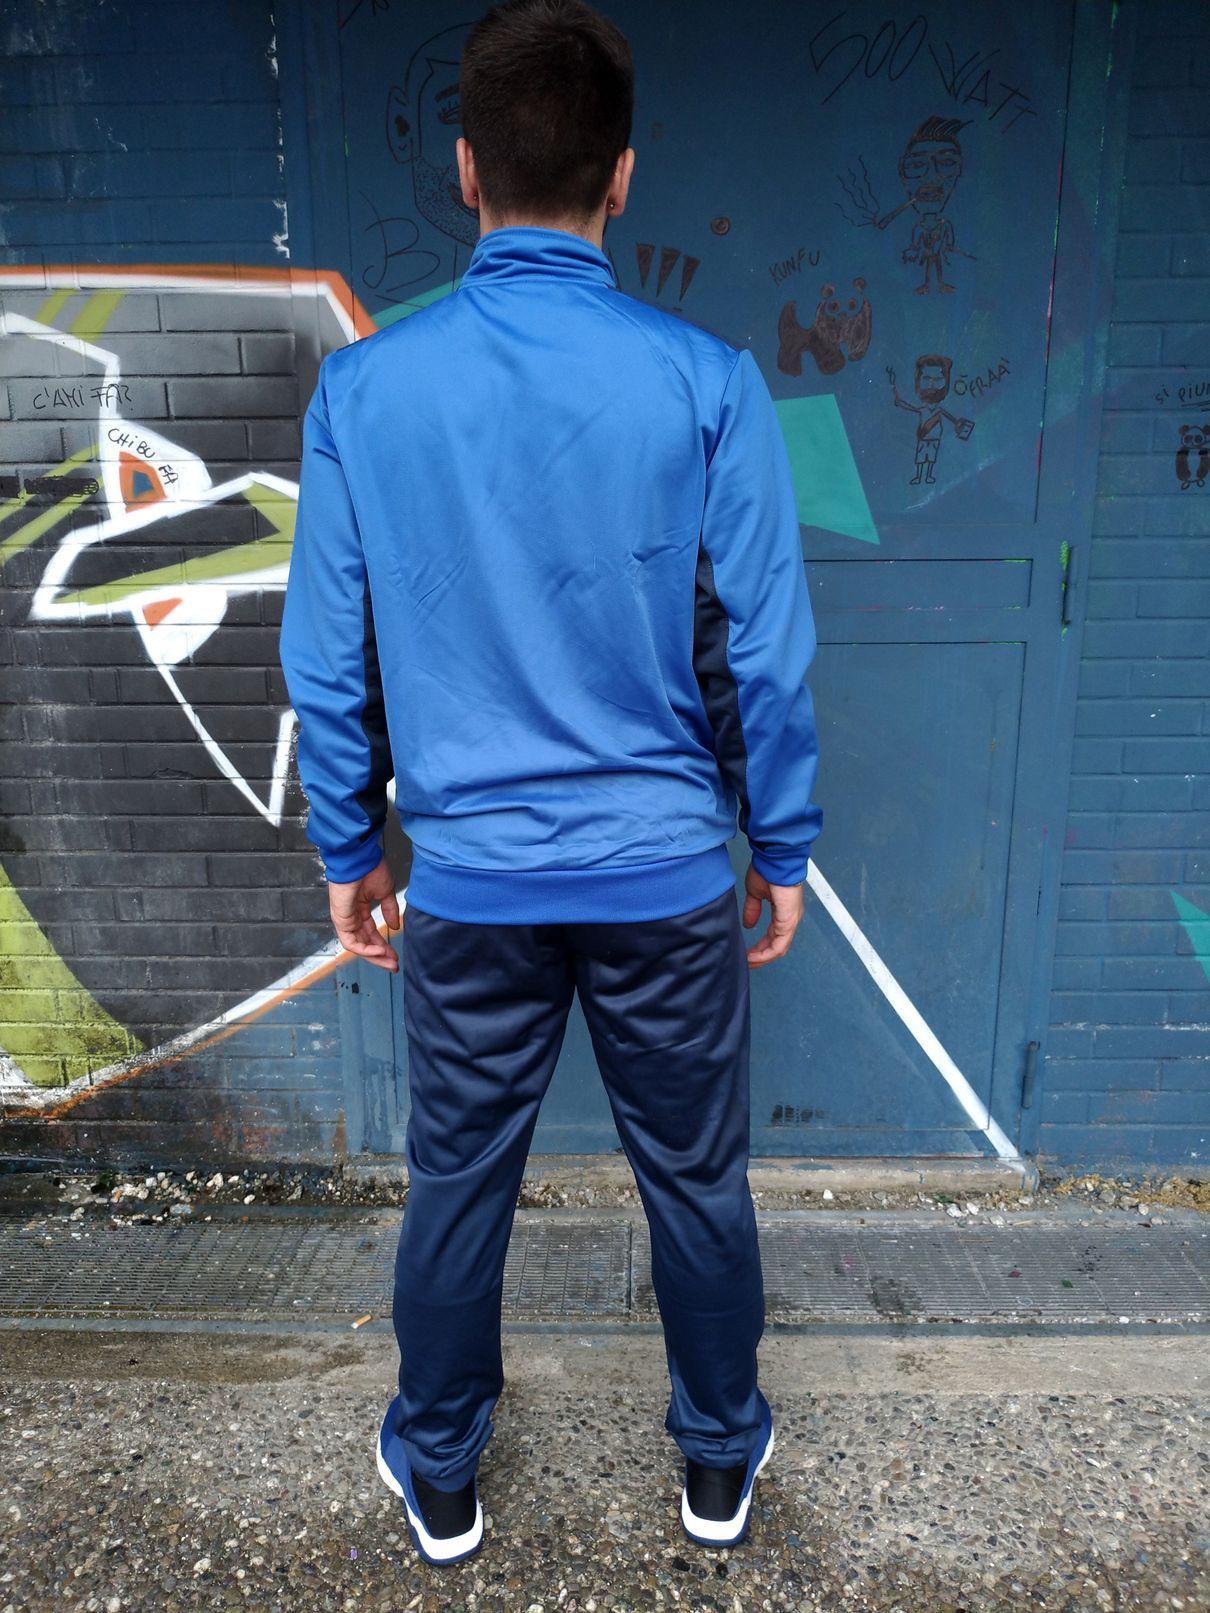 Joma-Survetement-Training-academie-Homme-avec-des-poches-Cheville-a-proximite miniature 7